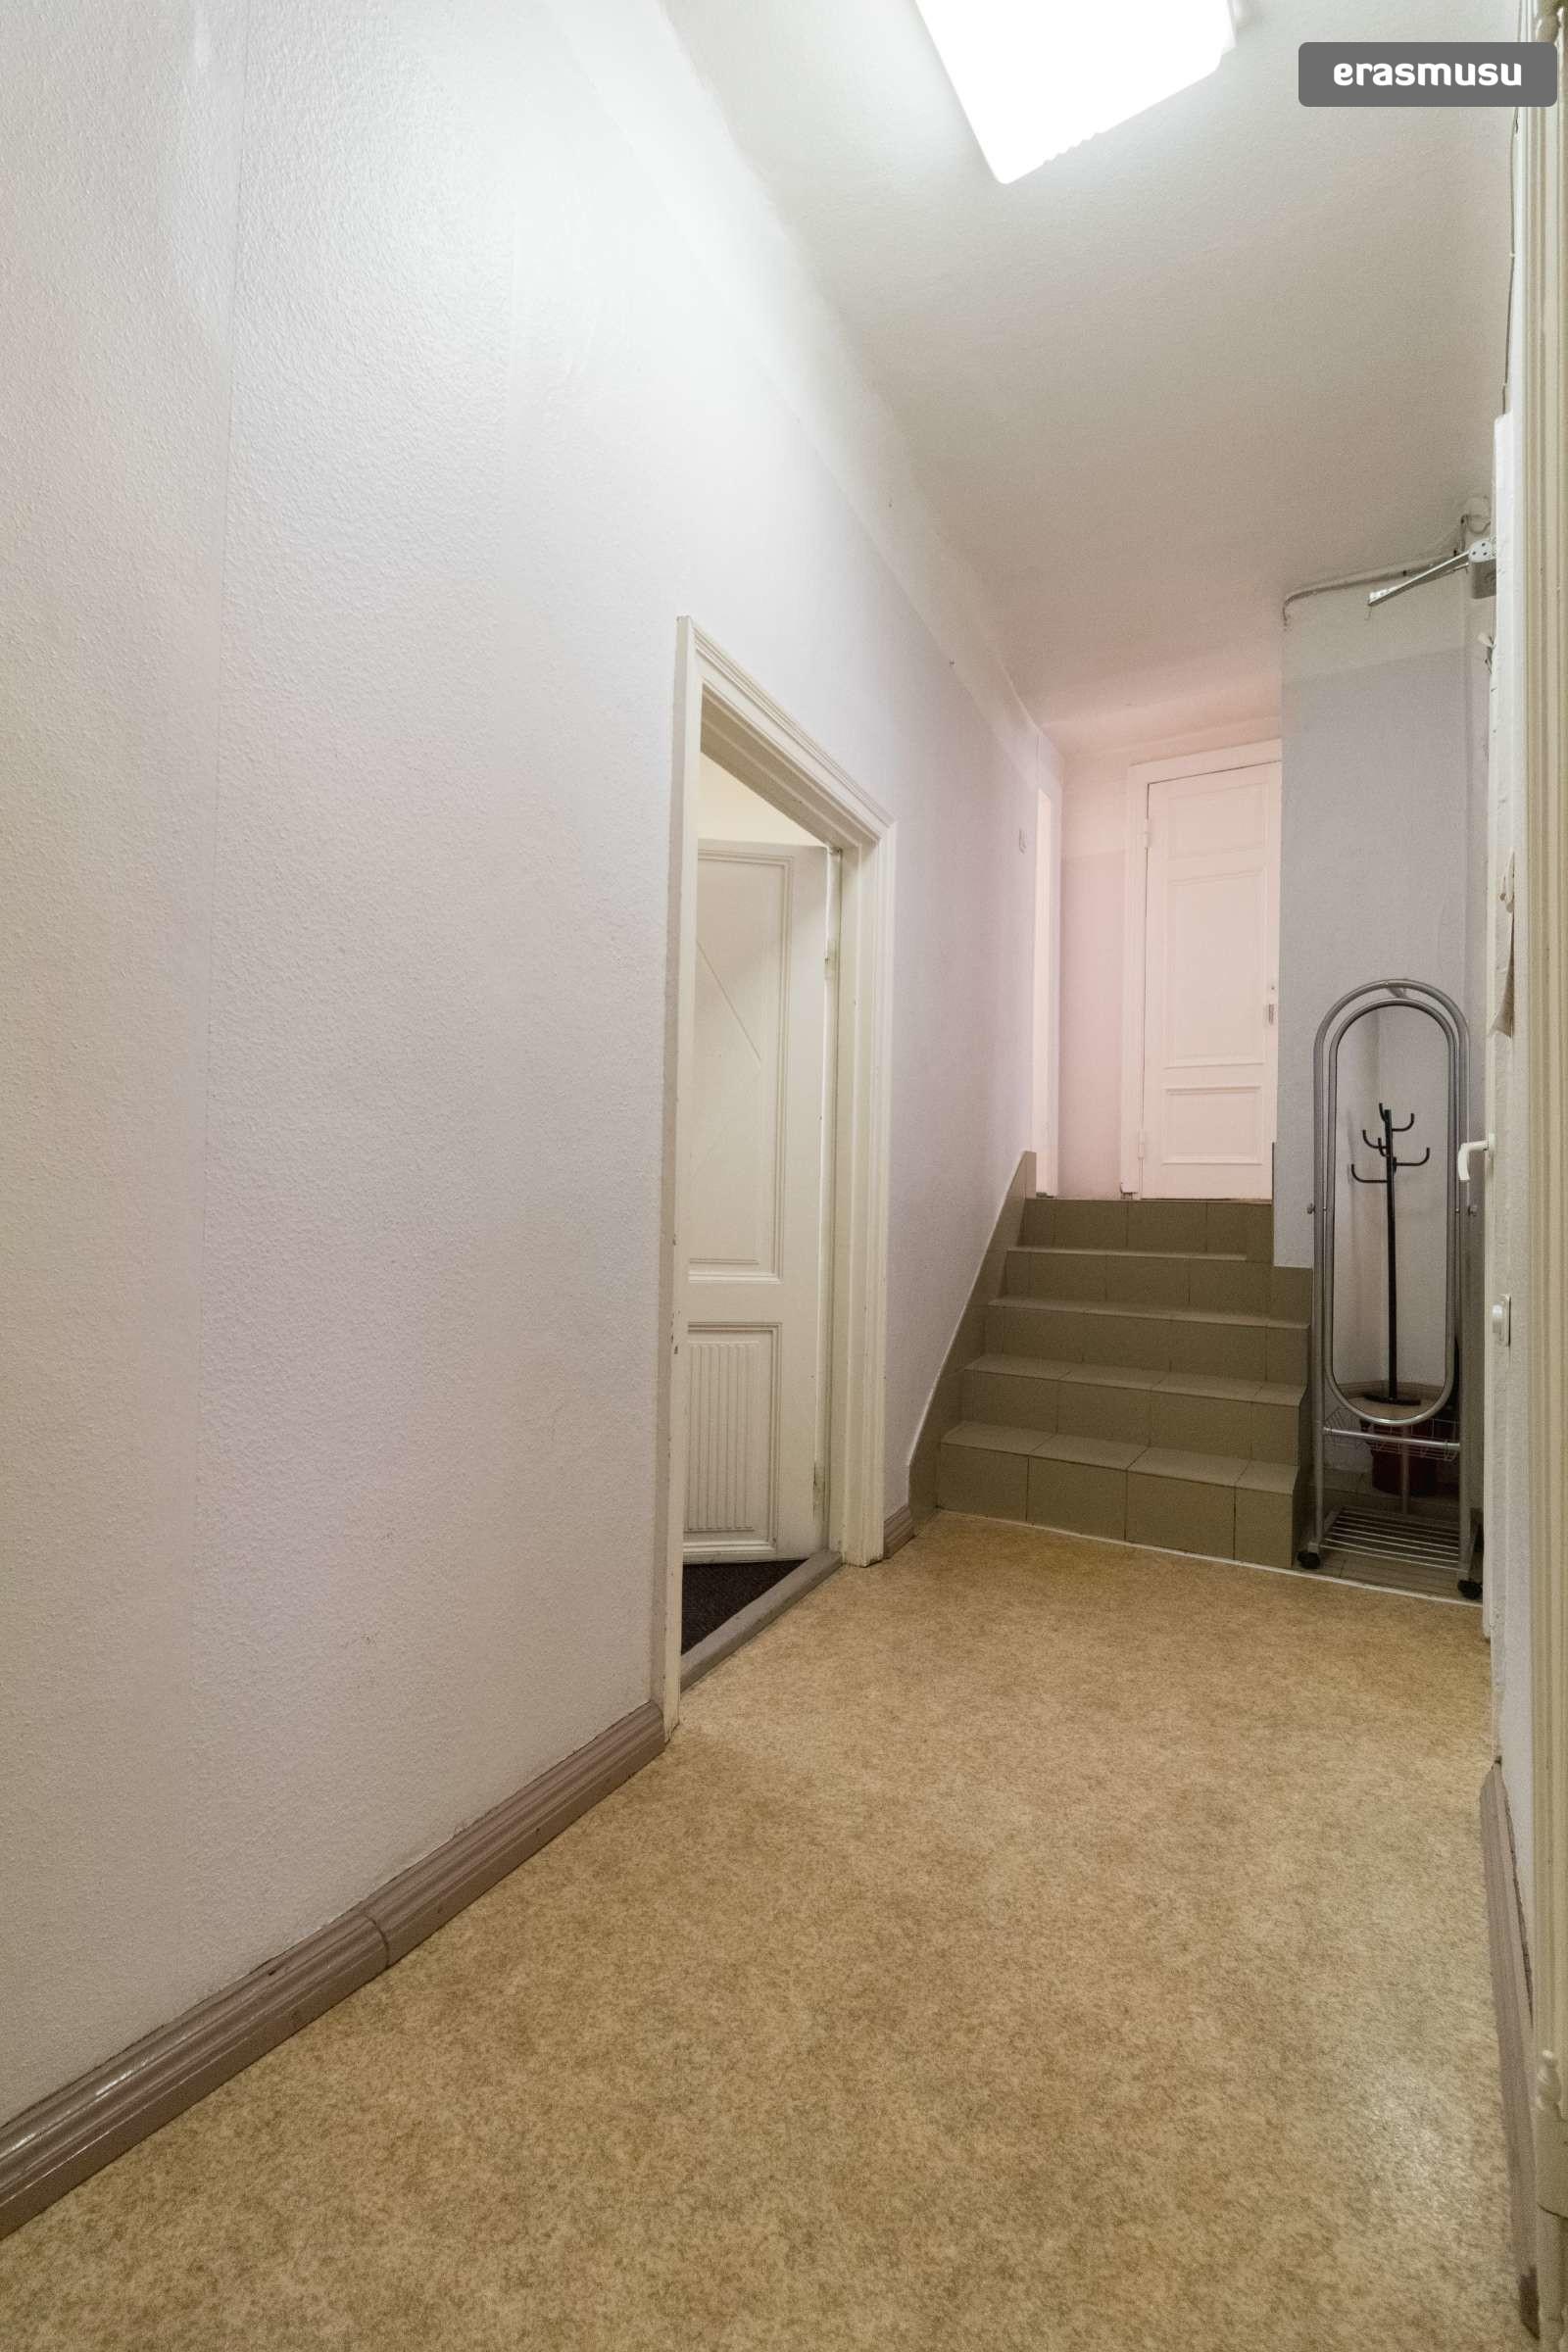 spacious-3-bedroom-apartment-rent-avoti-cb702d12fbc5fbb33da685a1